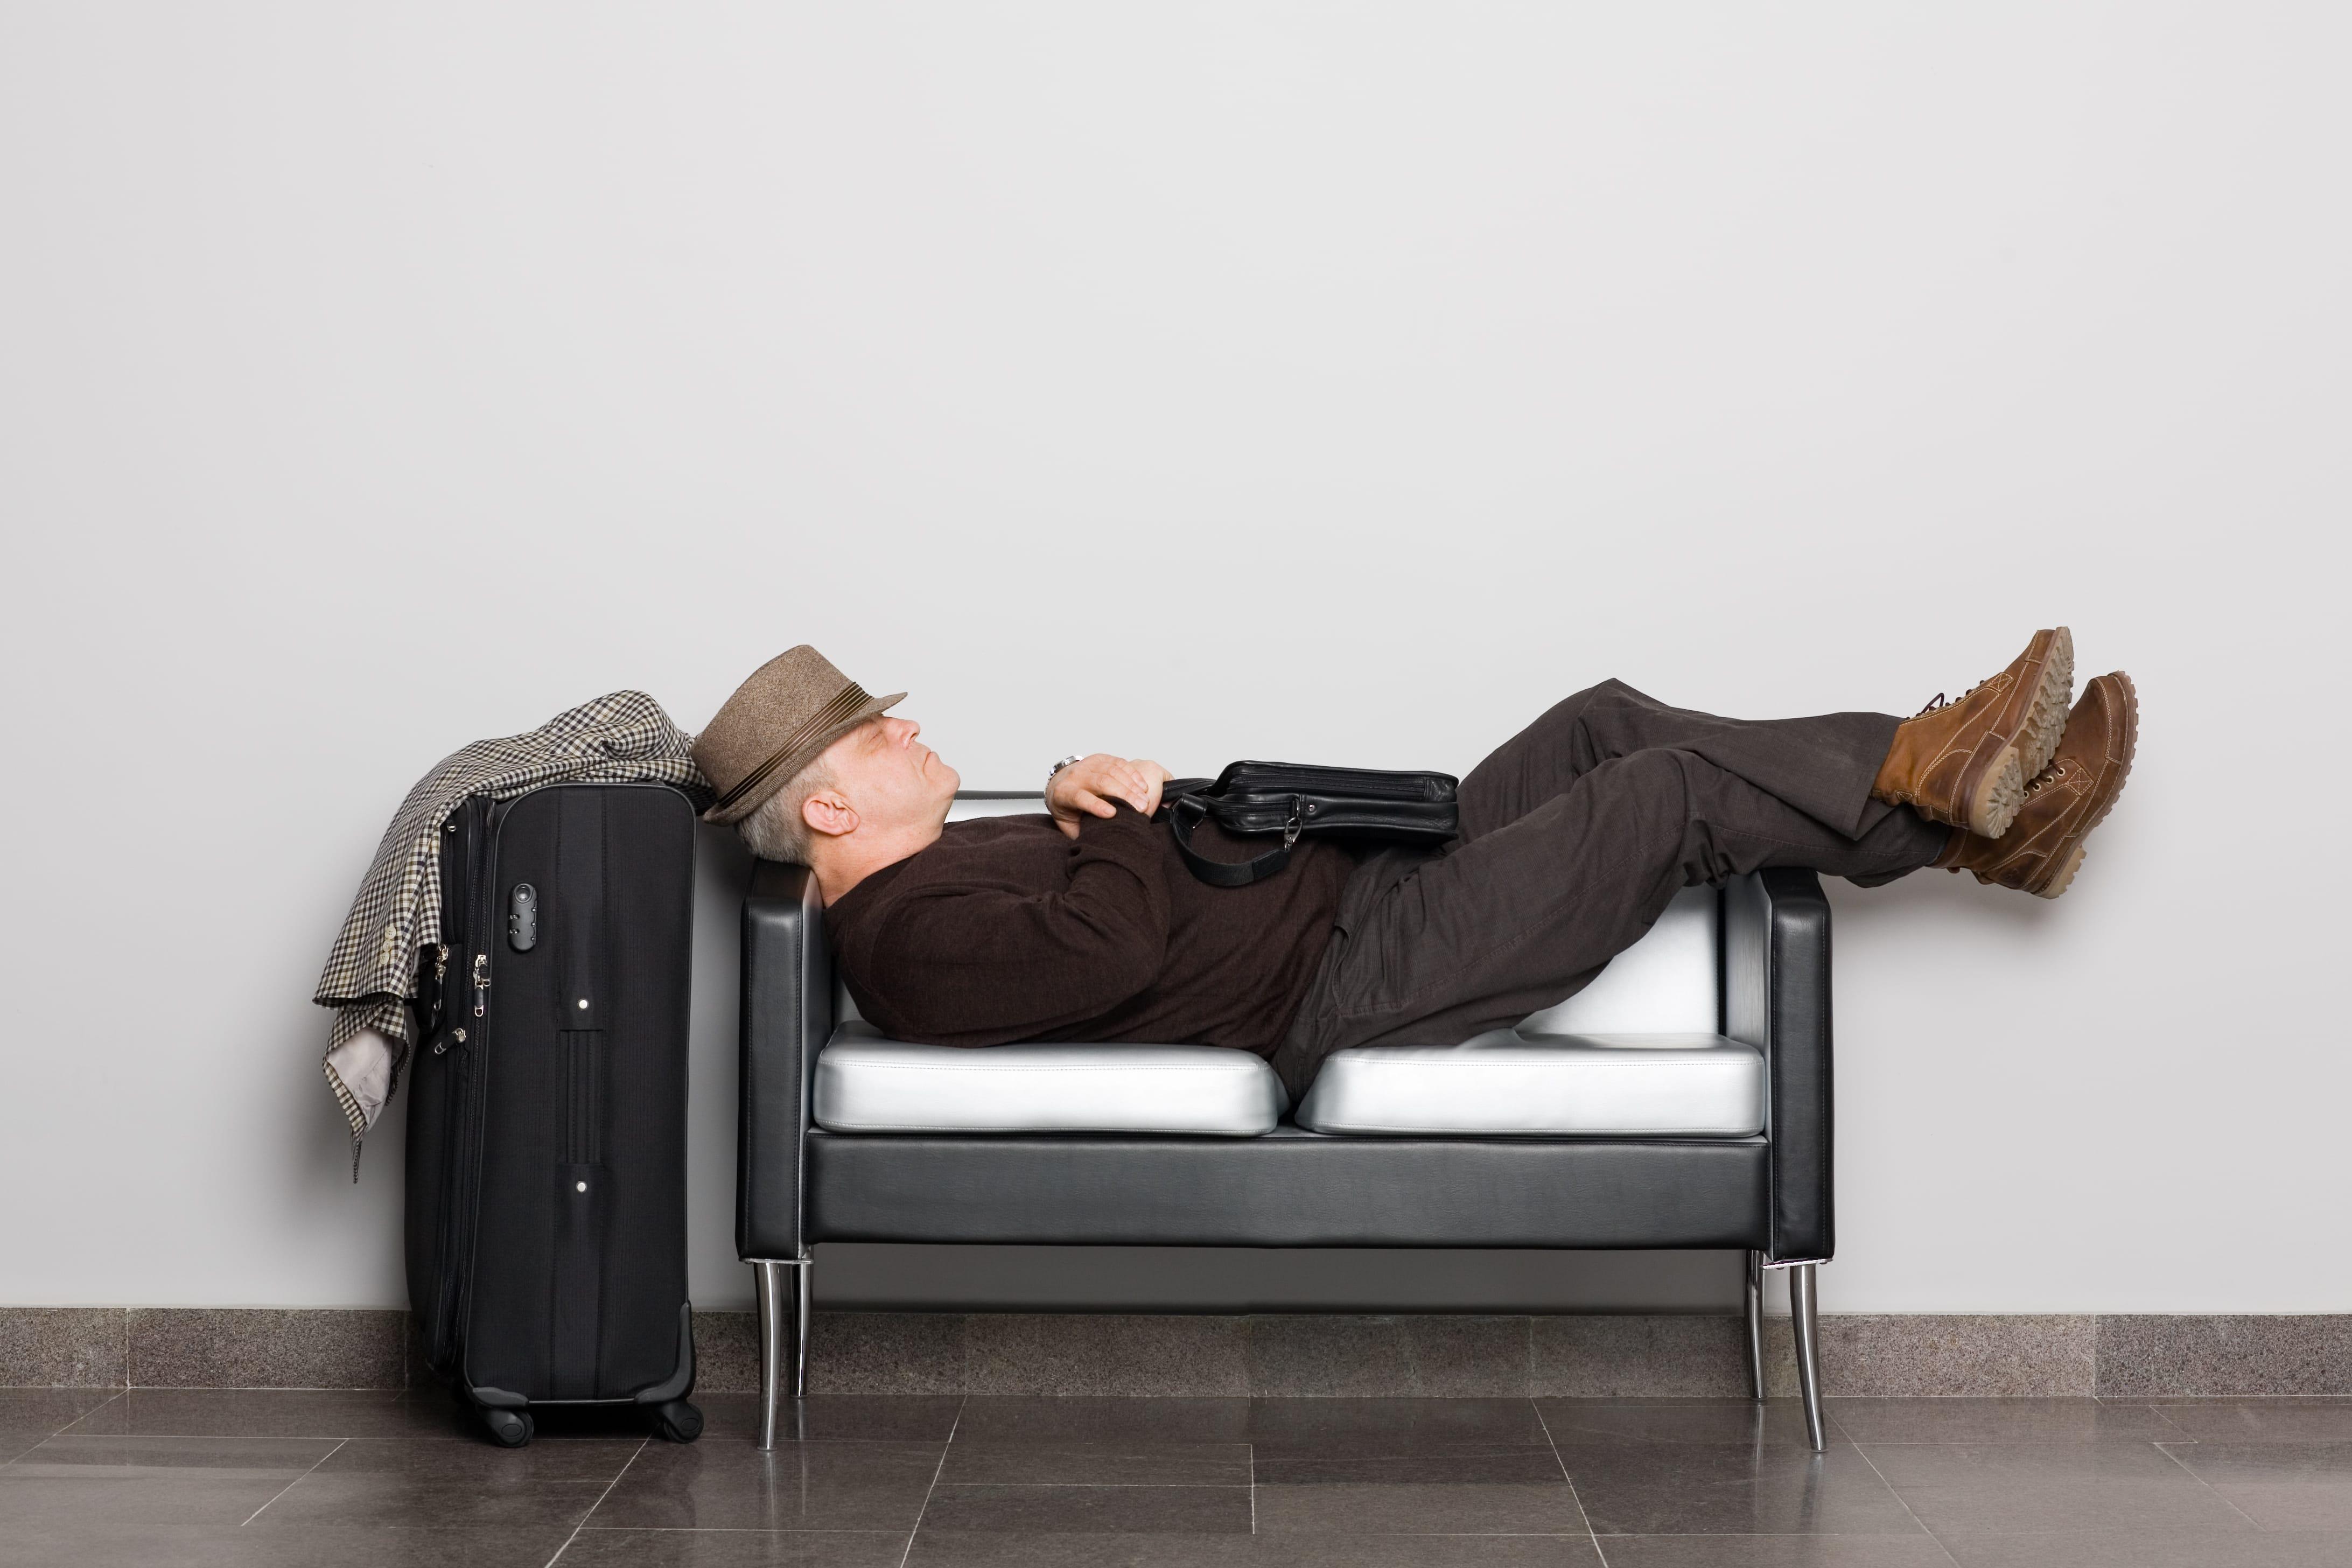 w22-1-Man sleeping on a bench